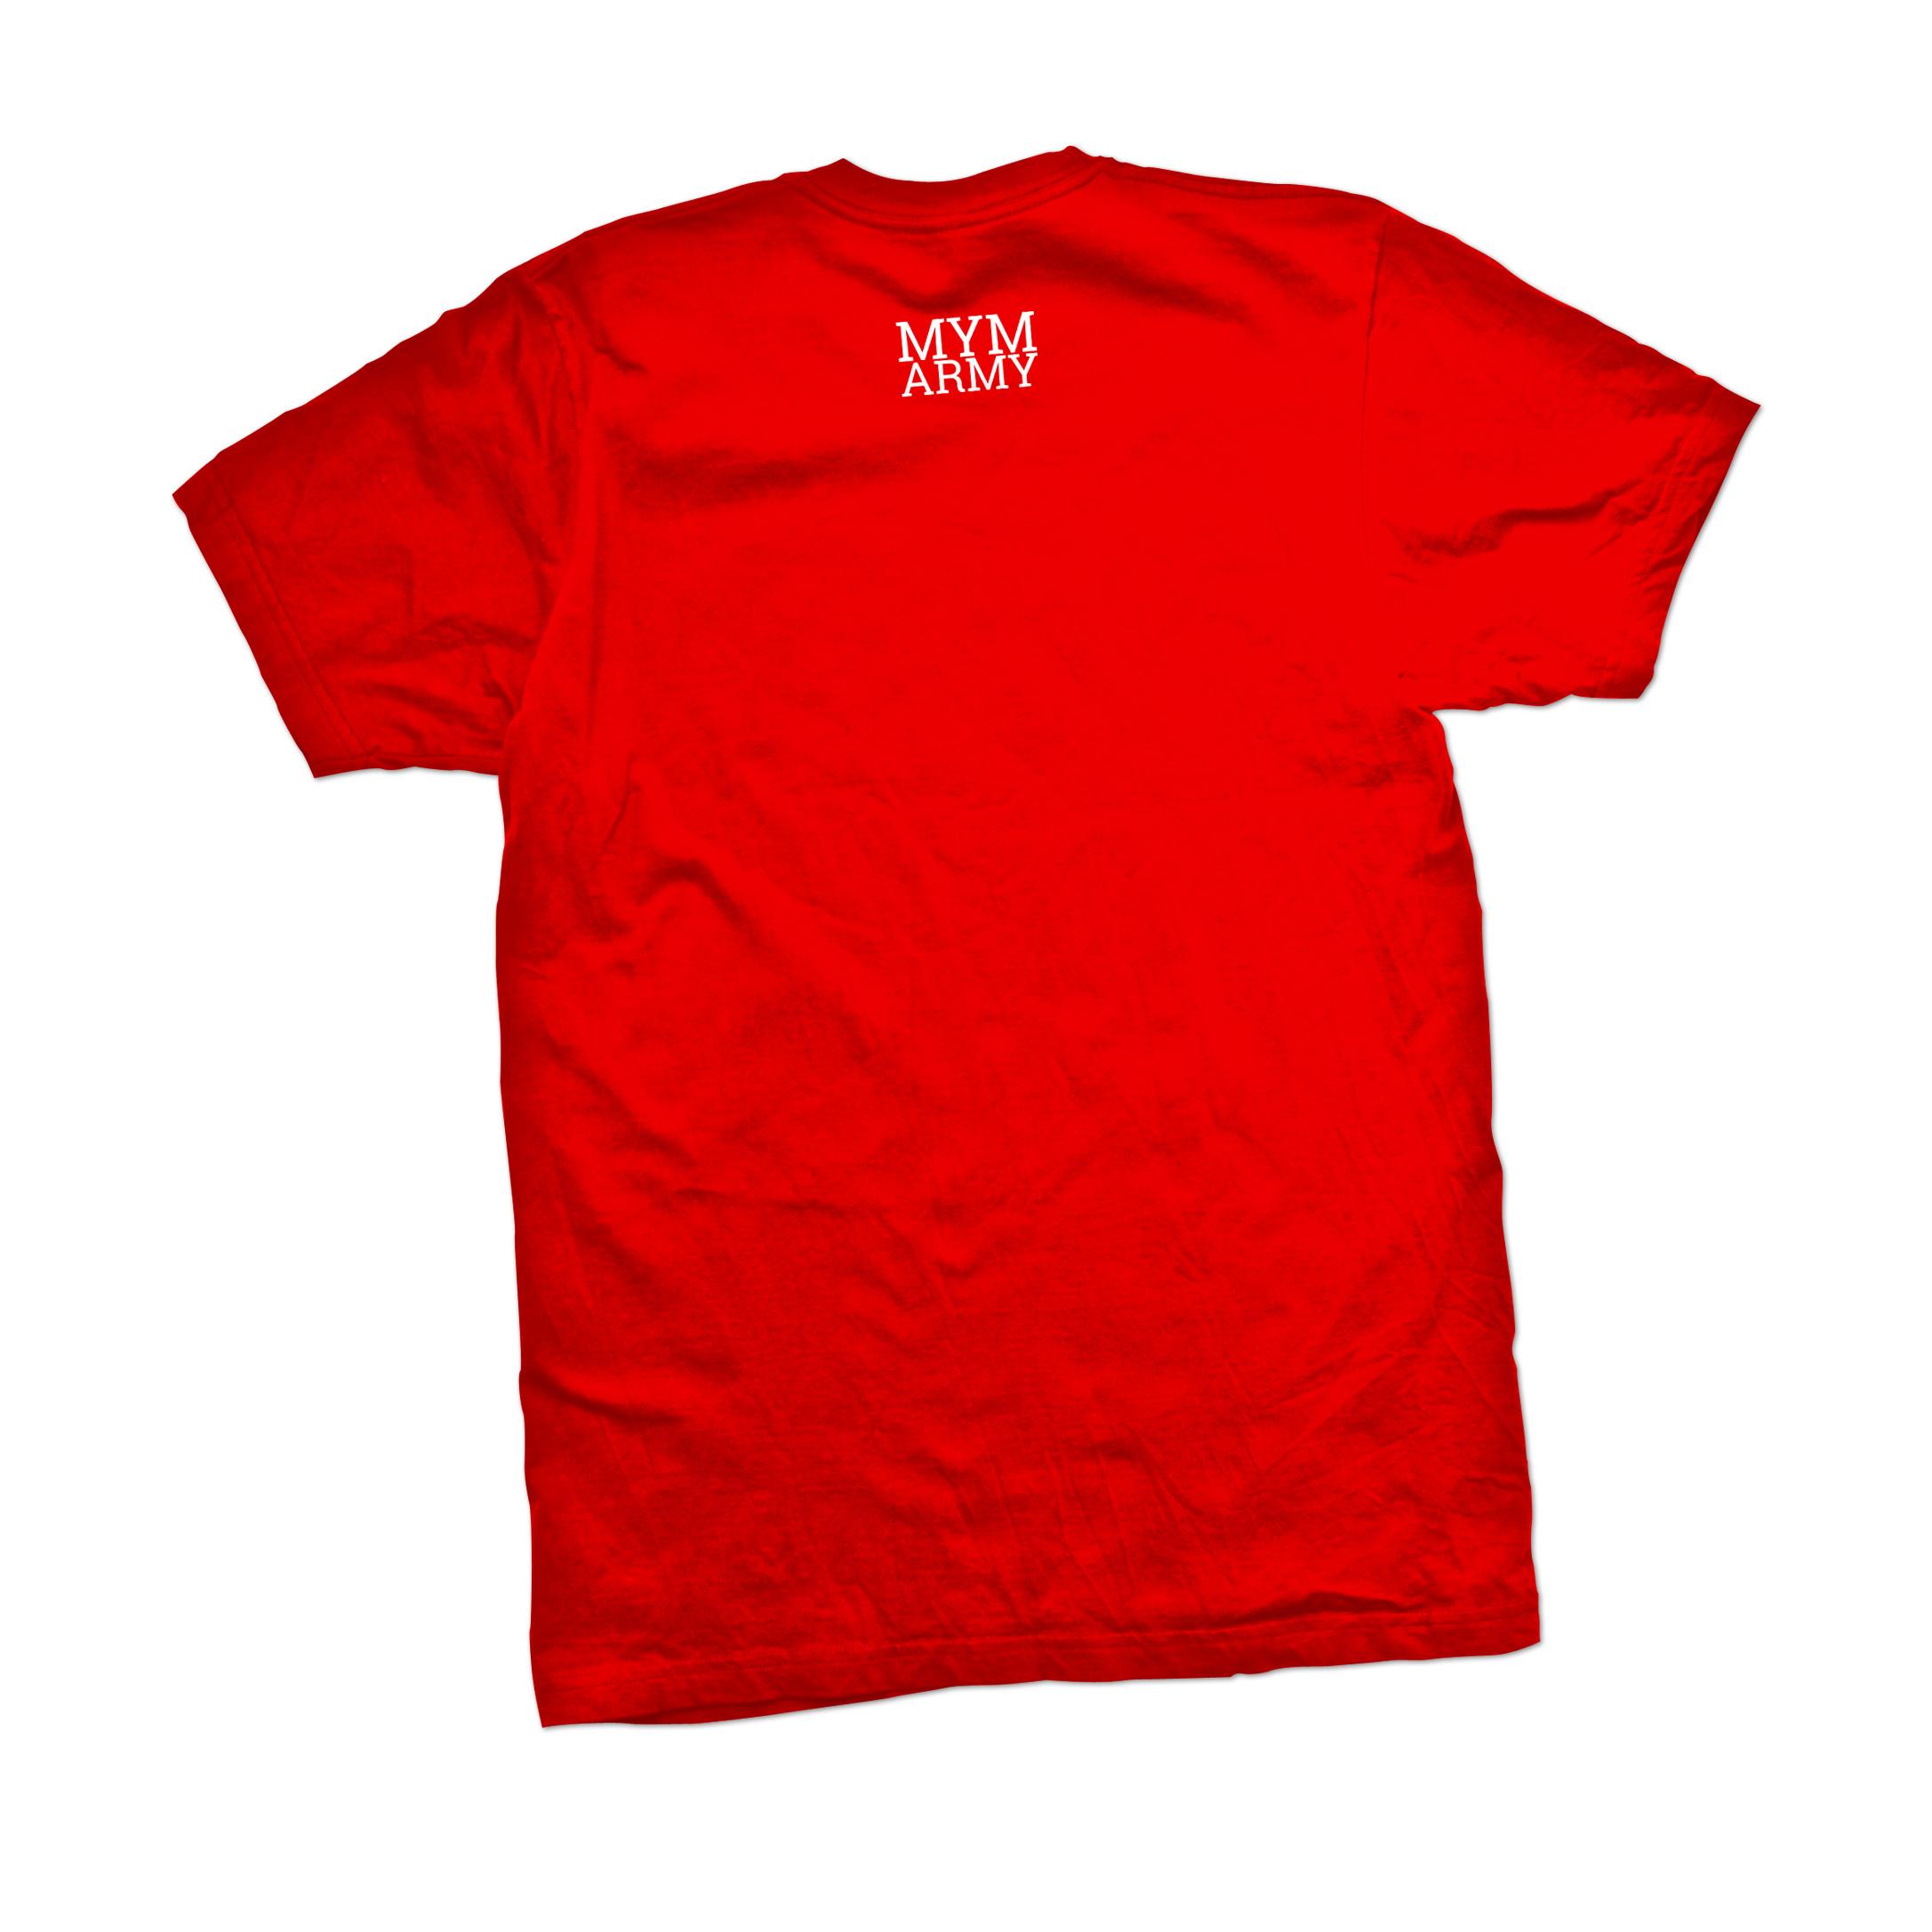 mym_shirt_rot_hinten.jpg